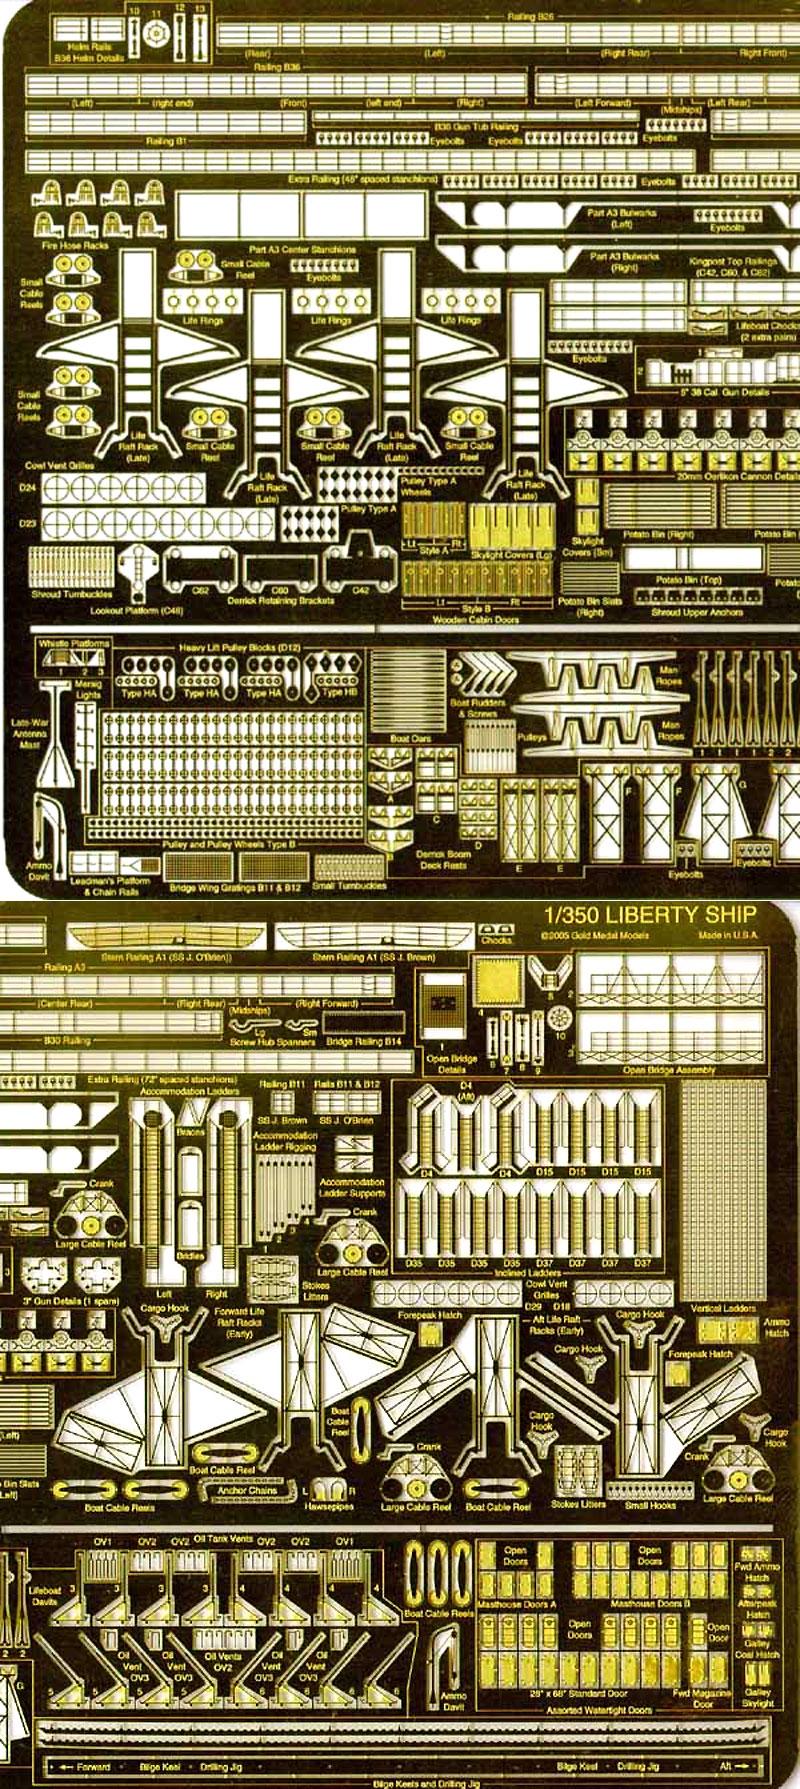 米海軍 輸送艦 リバティーシップ用エッチング(ゴールドメダルモデル1/350 艦船用エッチングパーツシリーズNo.GM-3531)商品画像_2